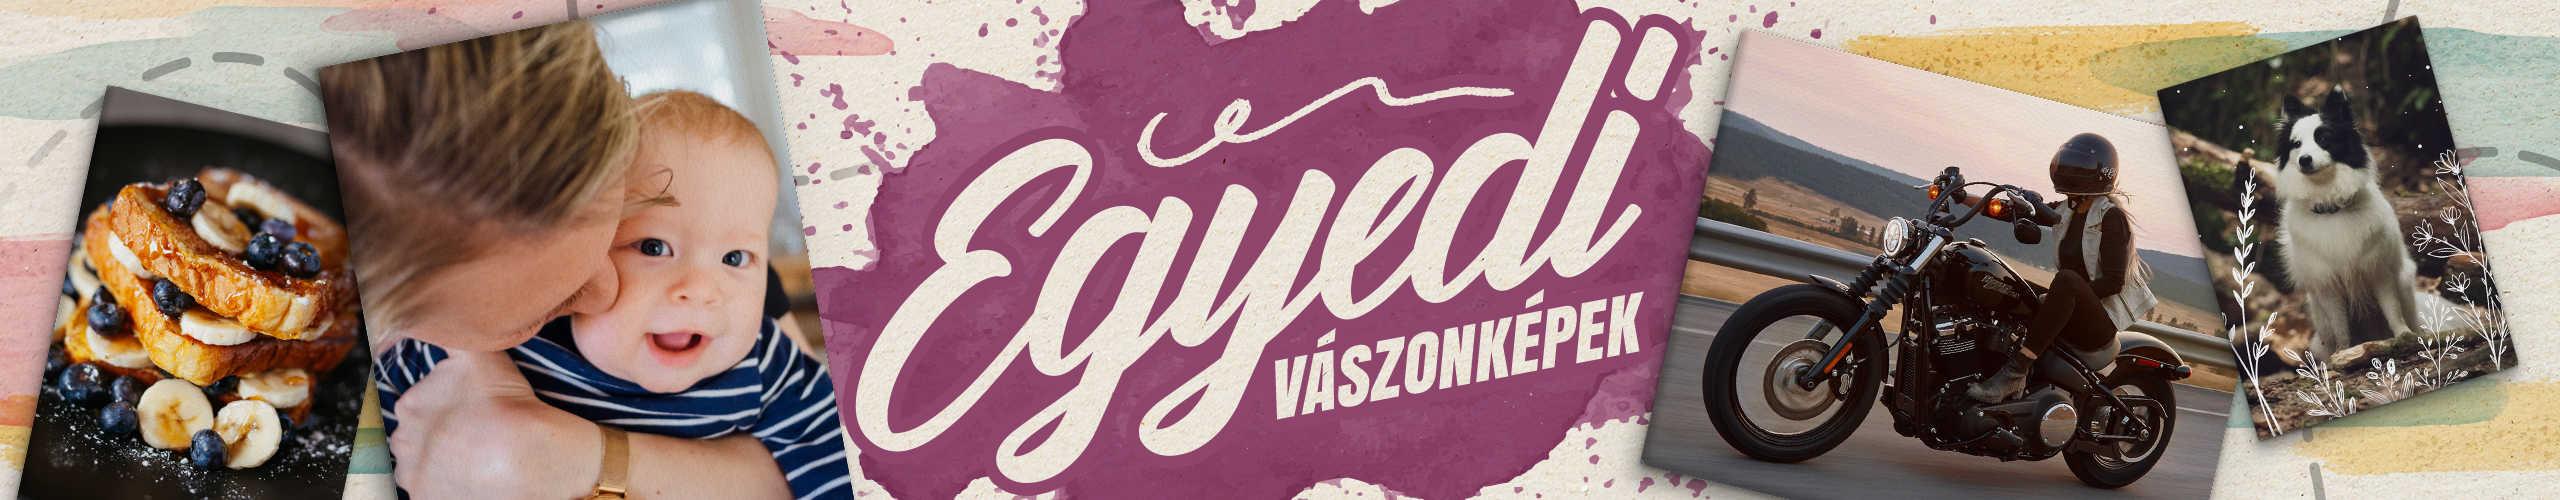 Egyedi vászonkép Pamutlabor